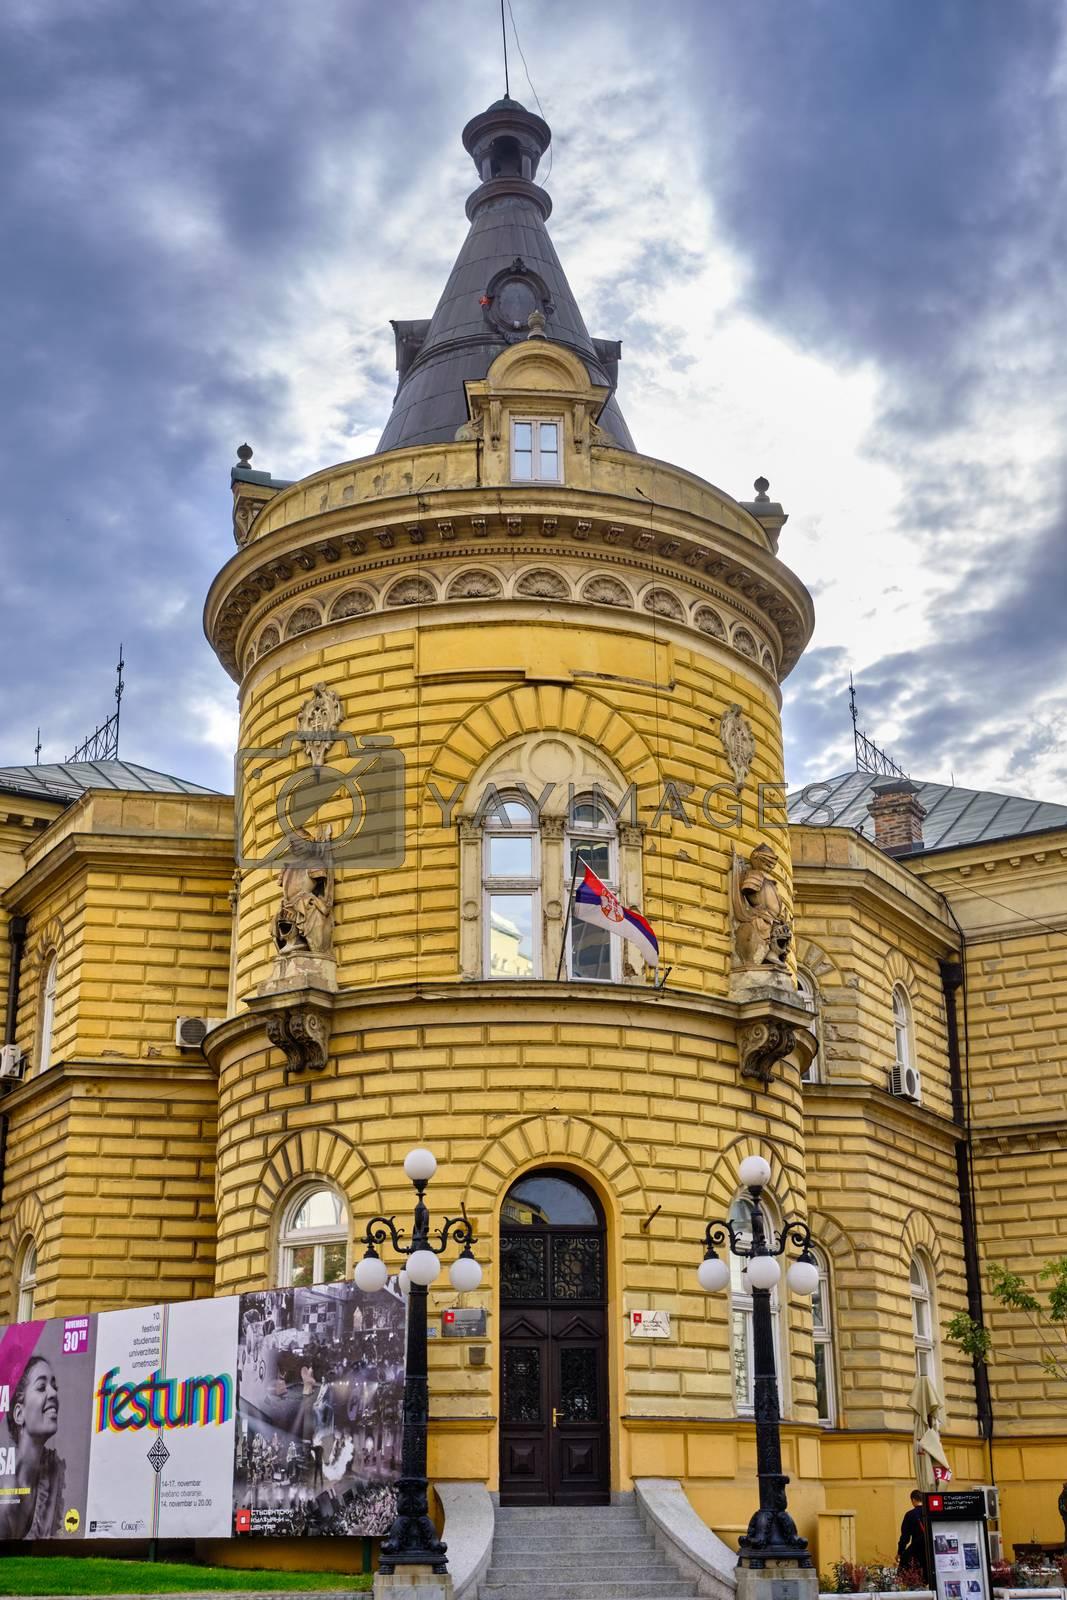 Belgrade / Serbia - November 17, 2019: Student Cultural Center (Studentski Kulturni Centar, SKC), cultural center and concert venue in Belgrade, Serbia